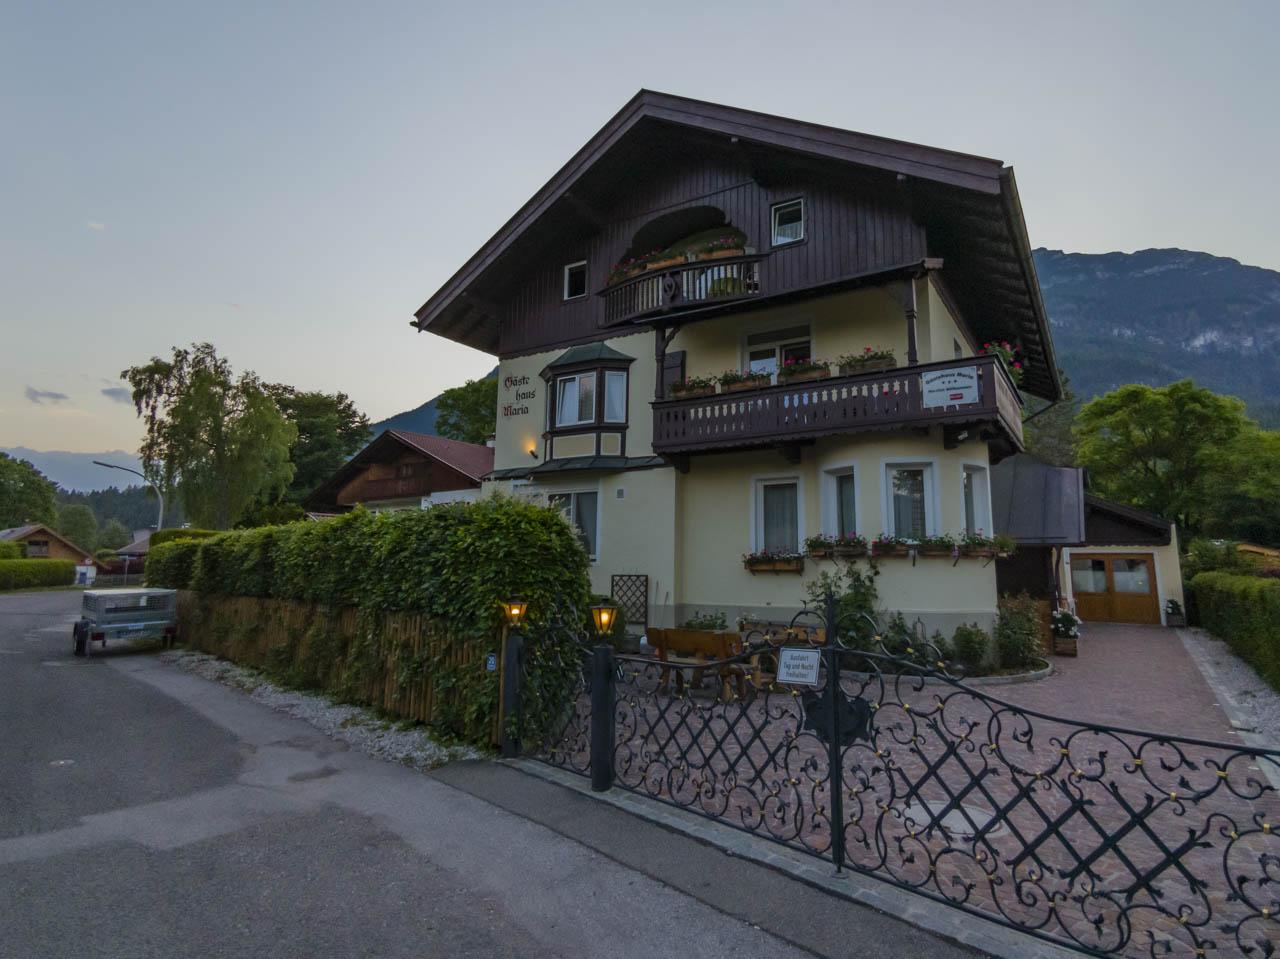 Gast haus Maria in Garmisch Partenkirchen